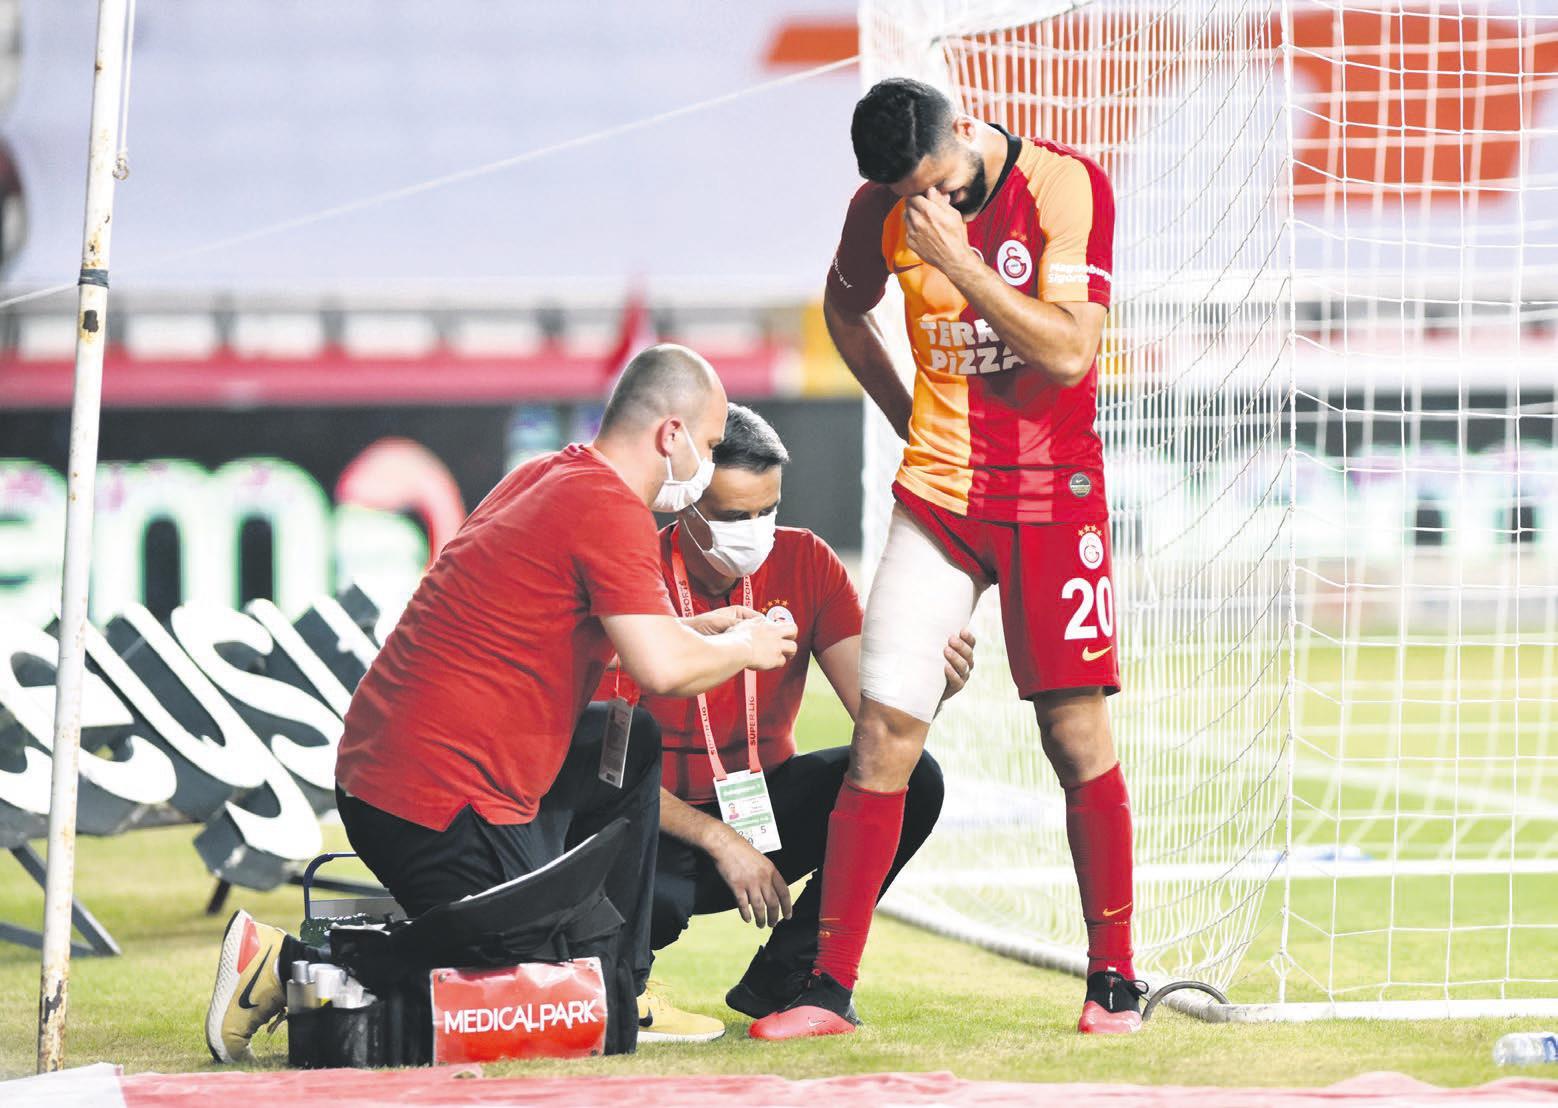 emre akbaba 8 hafta yok 1598820487072 - Galatasaray'a kötü haber! Yıldız oyuncu 8 hafta yok